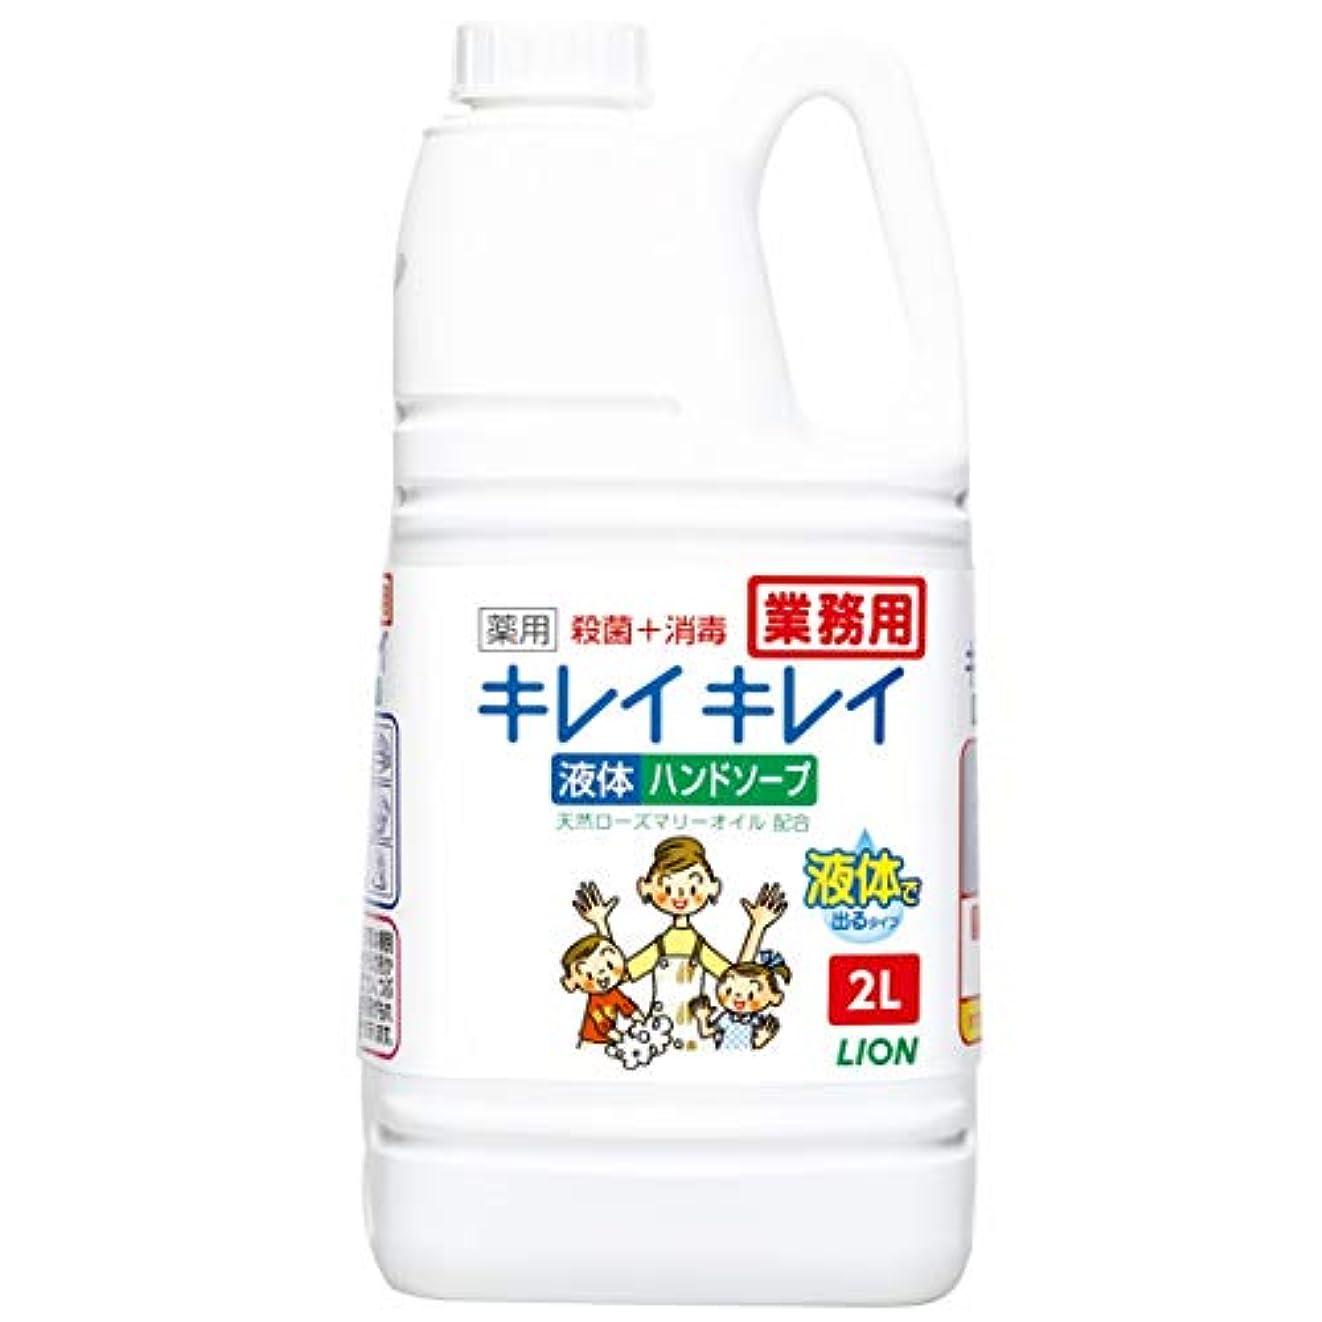 穏やかな悔い改めゴミ箱【業務用 大容量】キレイキレイ 薬用 ハンドソープ 2L(医薬部外品)